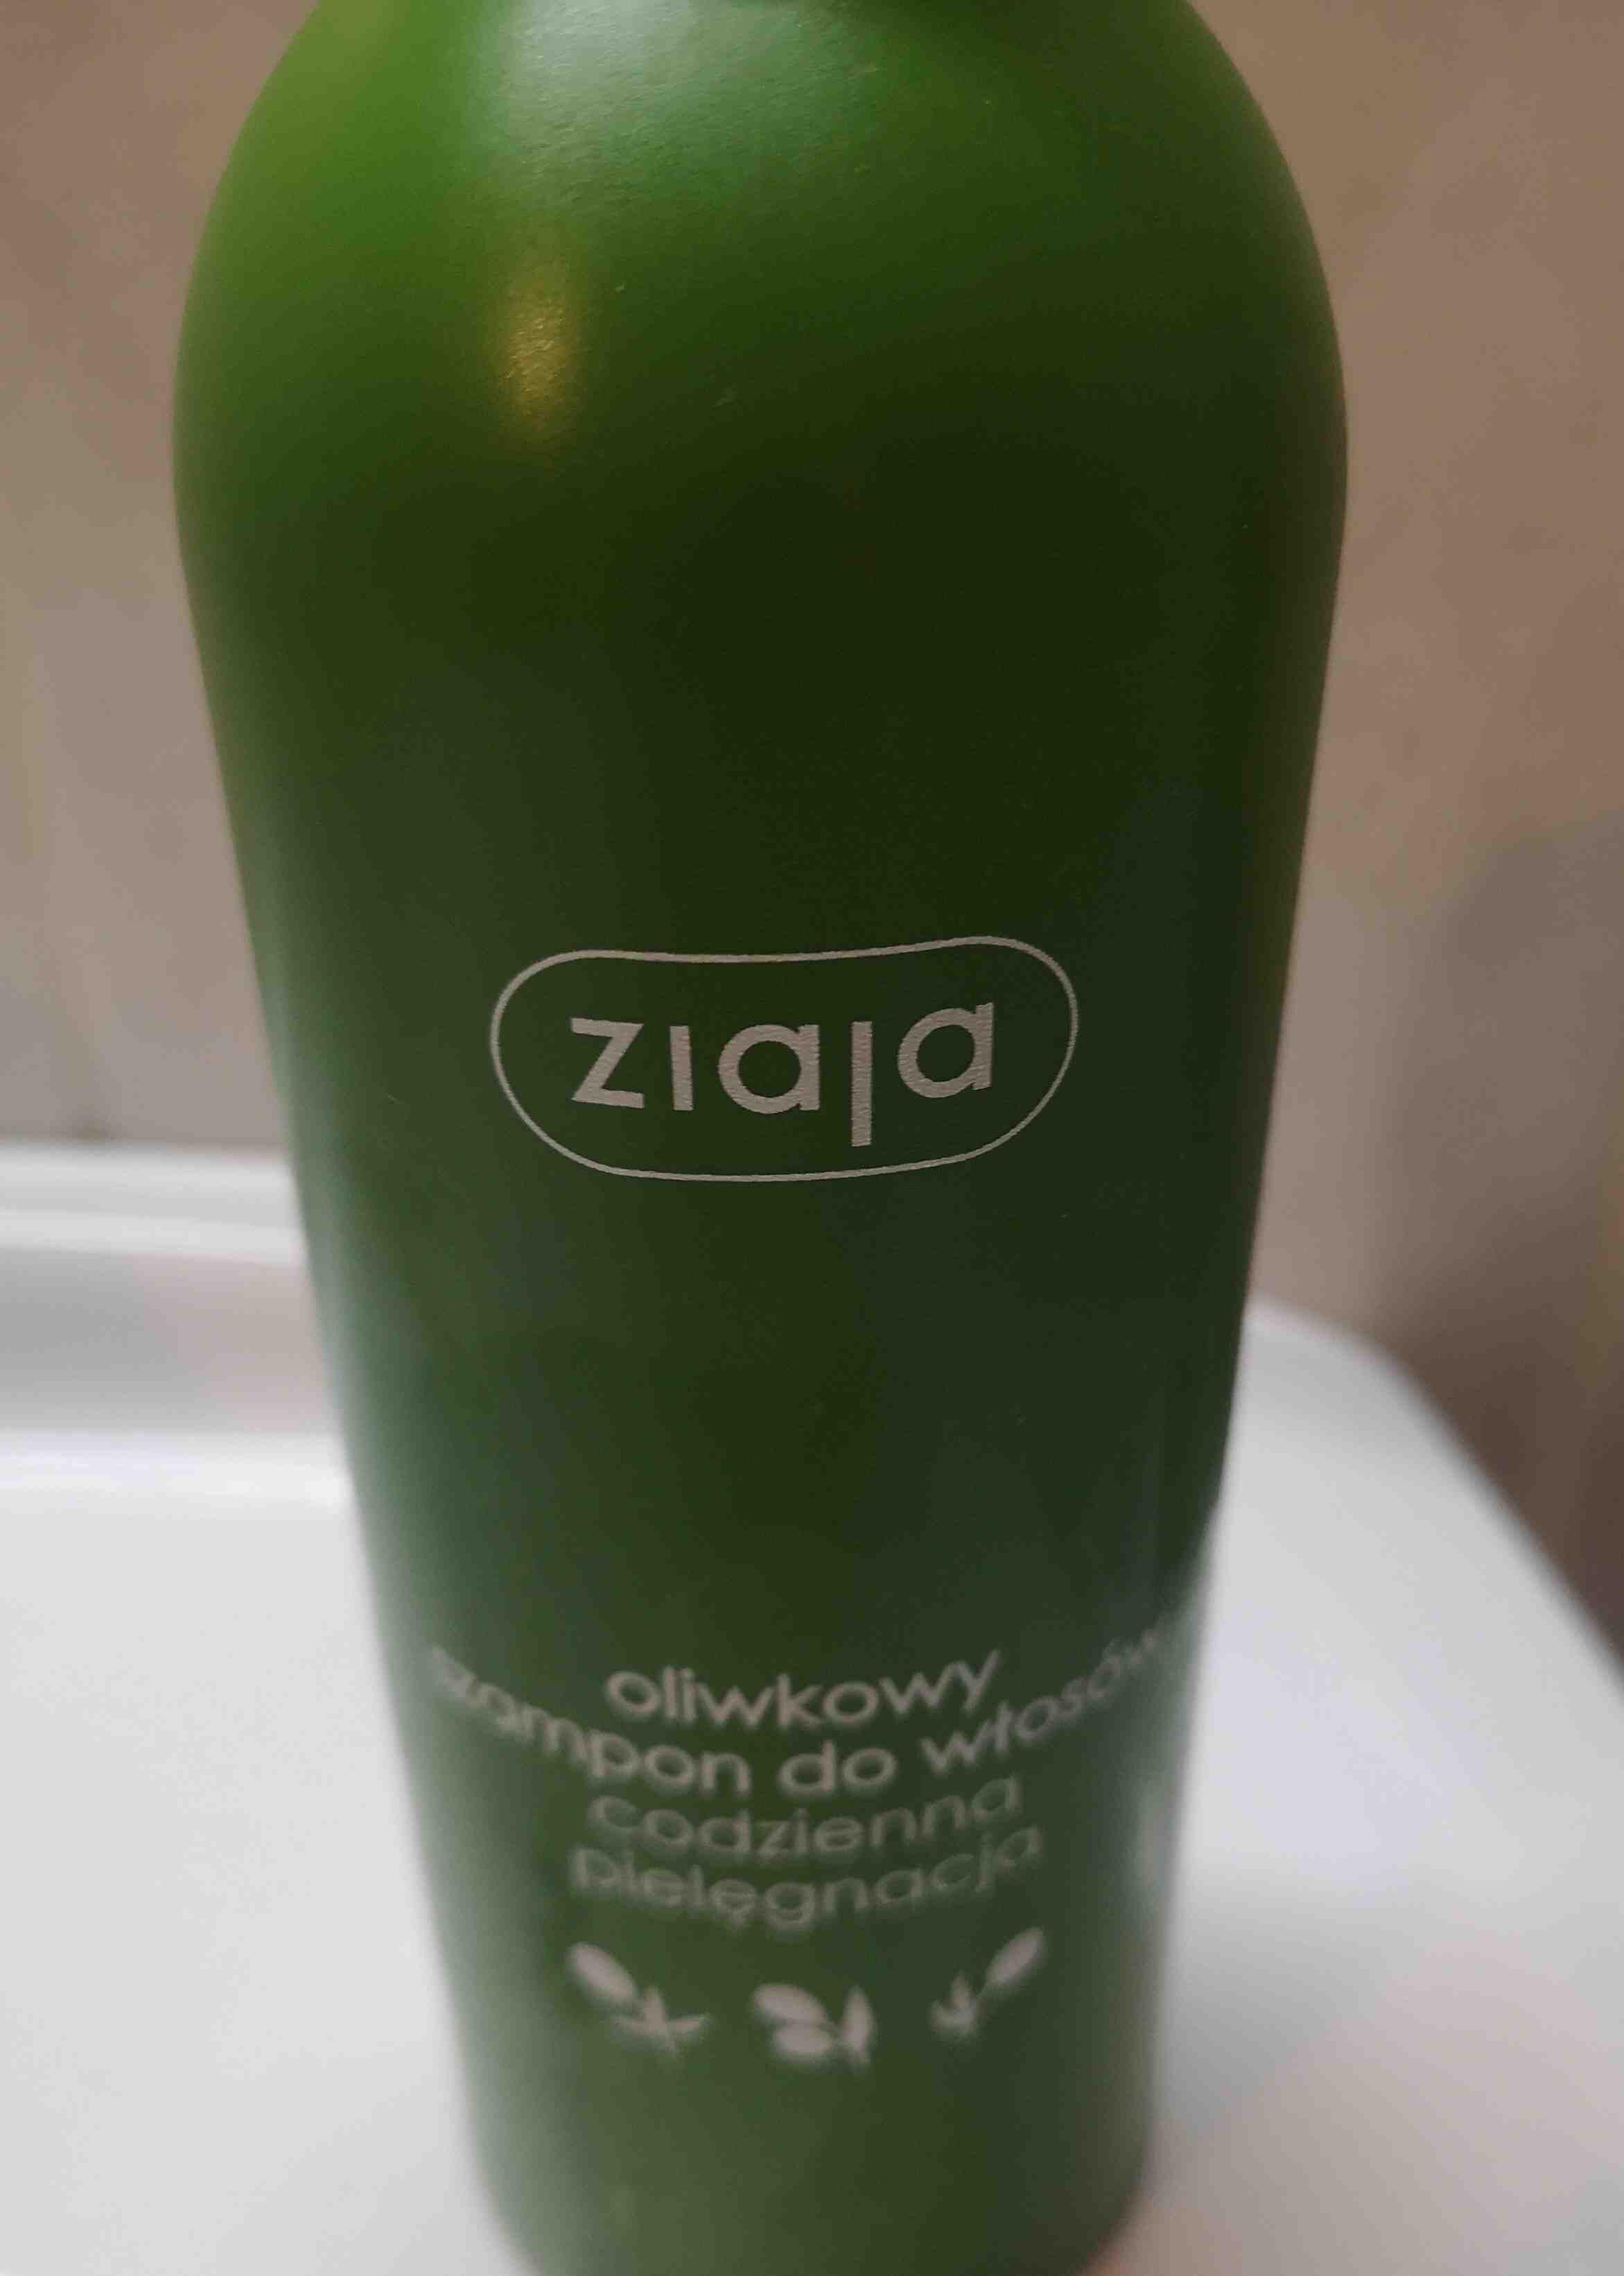 Ziaja oliwkowy szampon do wBosow codzienna pielgnacja - Product - en